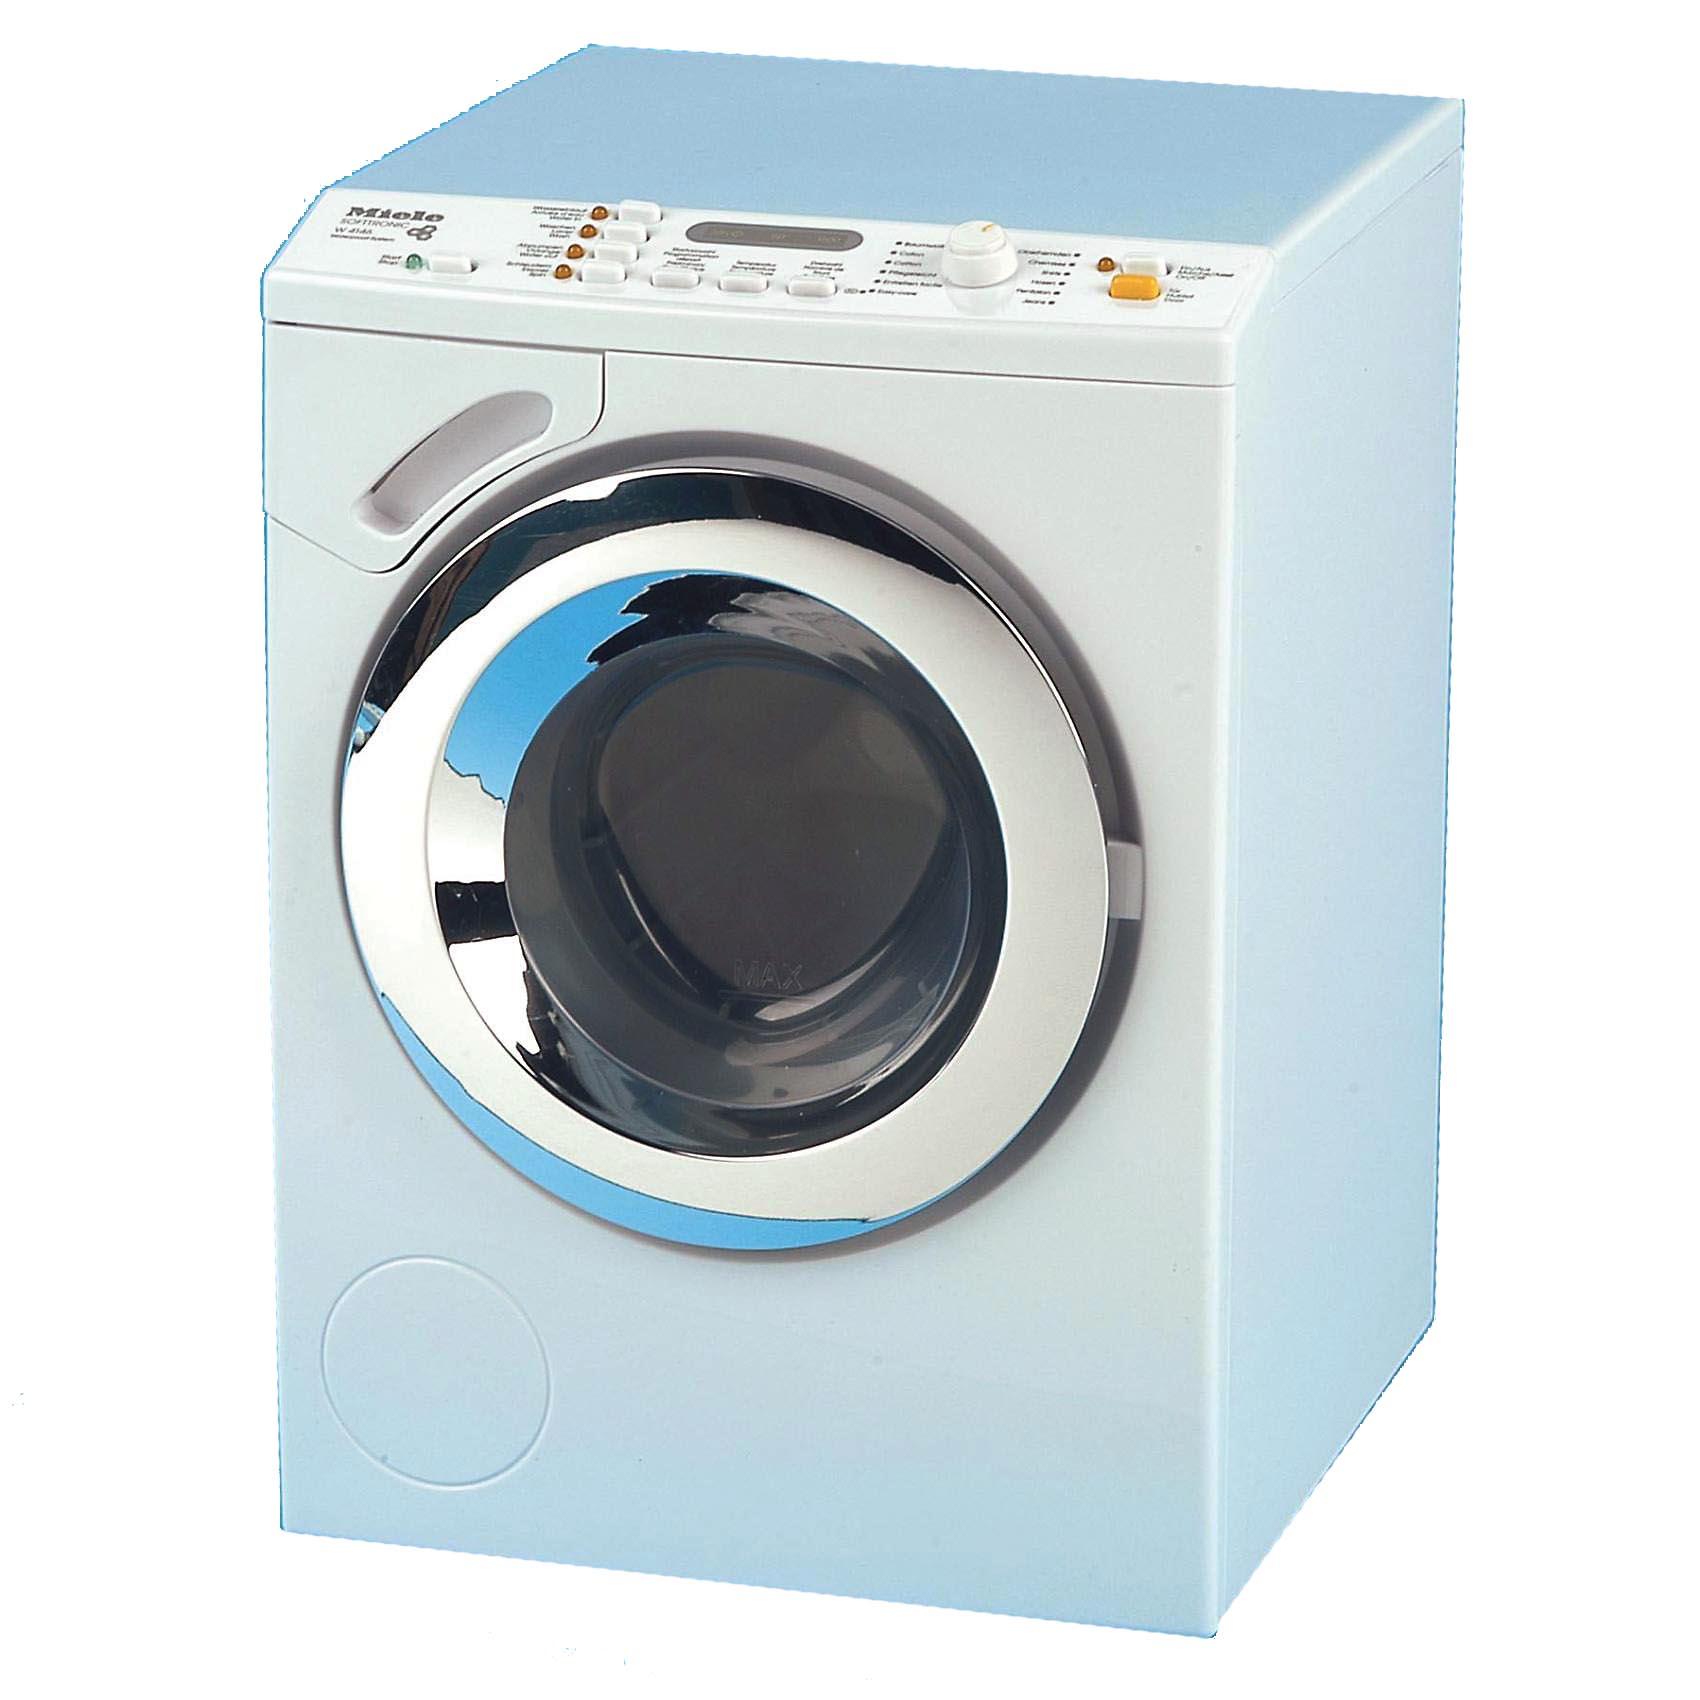 себе картинки картинки с машинками стиральные если